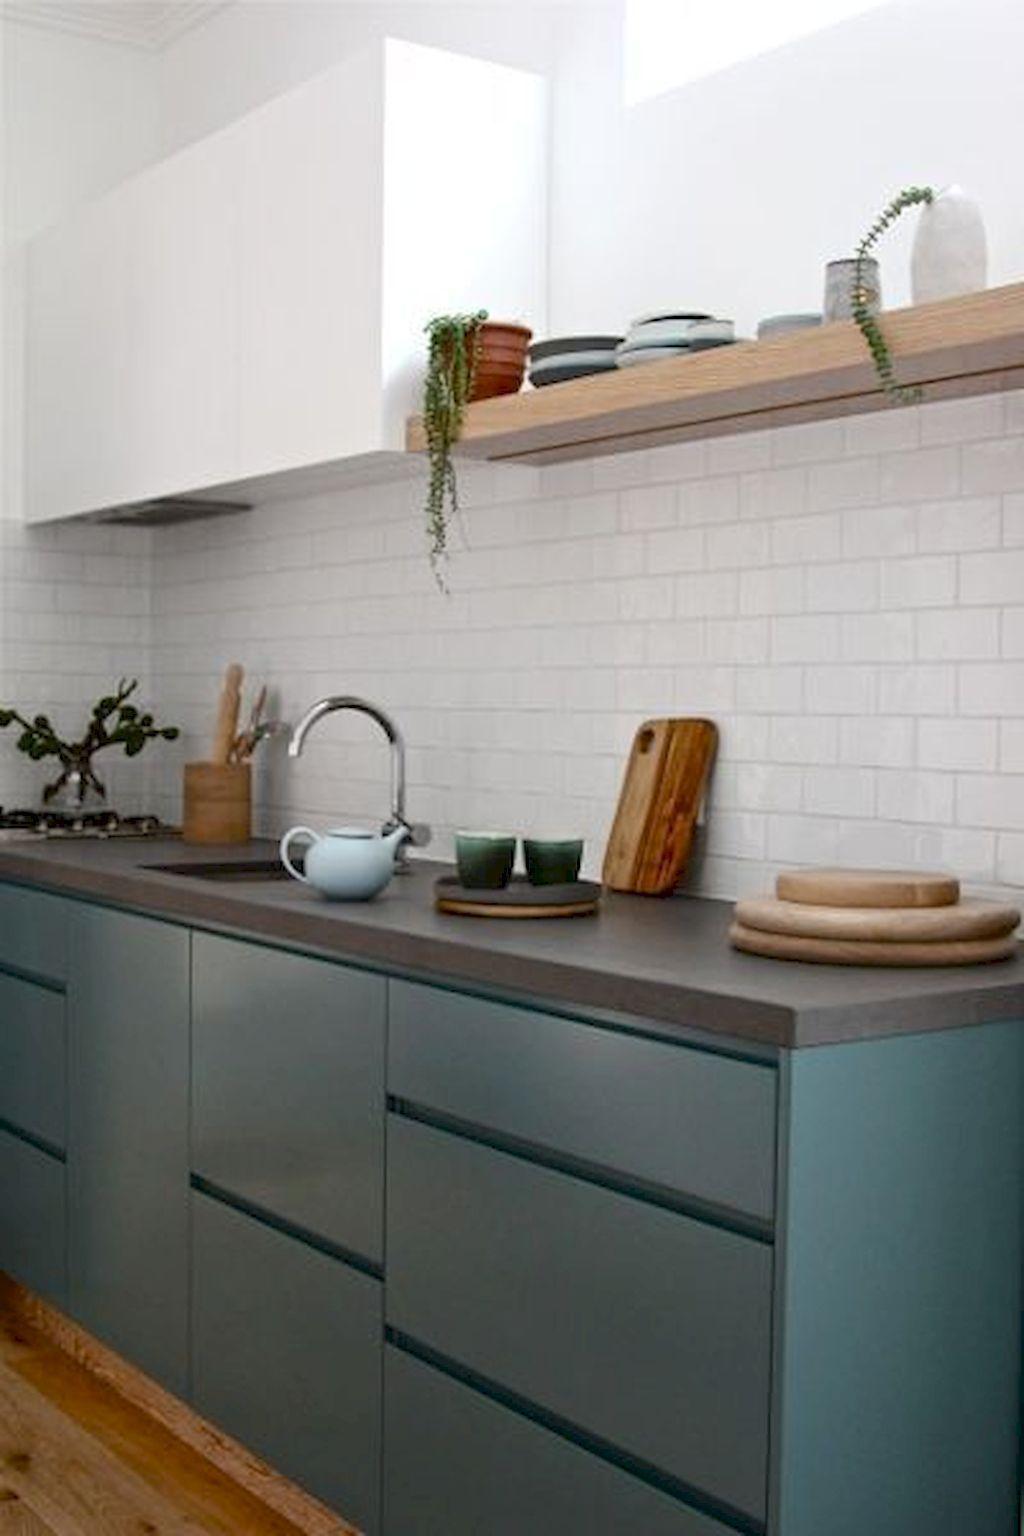 #kitchen design tool ikea #gallery kitchen design #kitchen